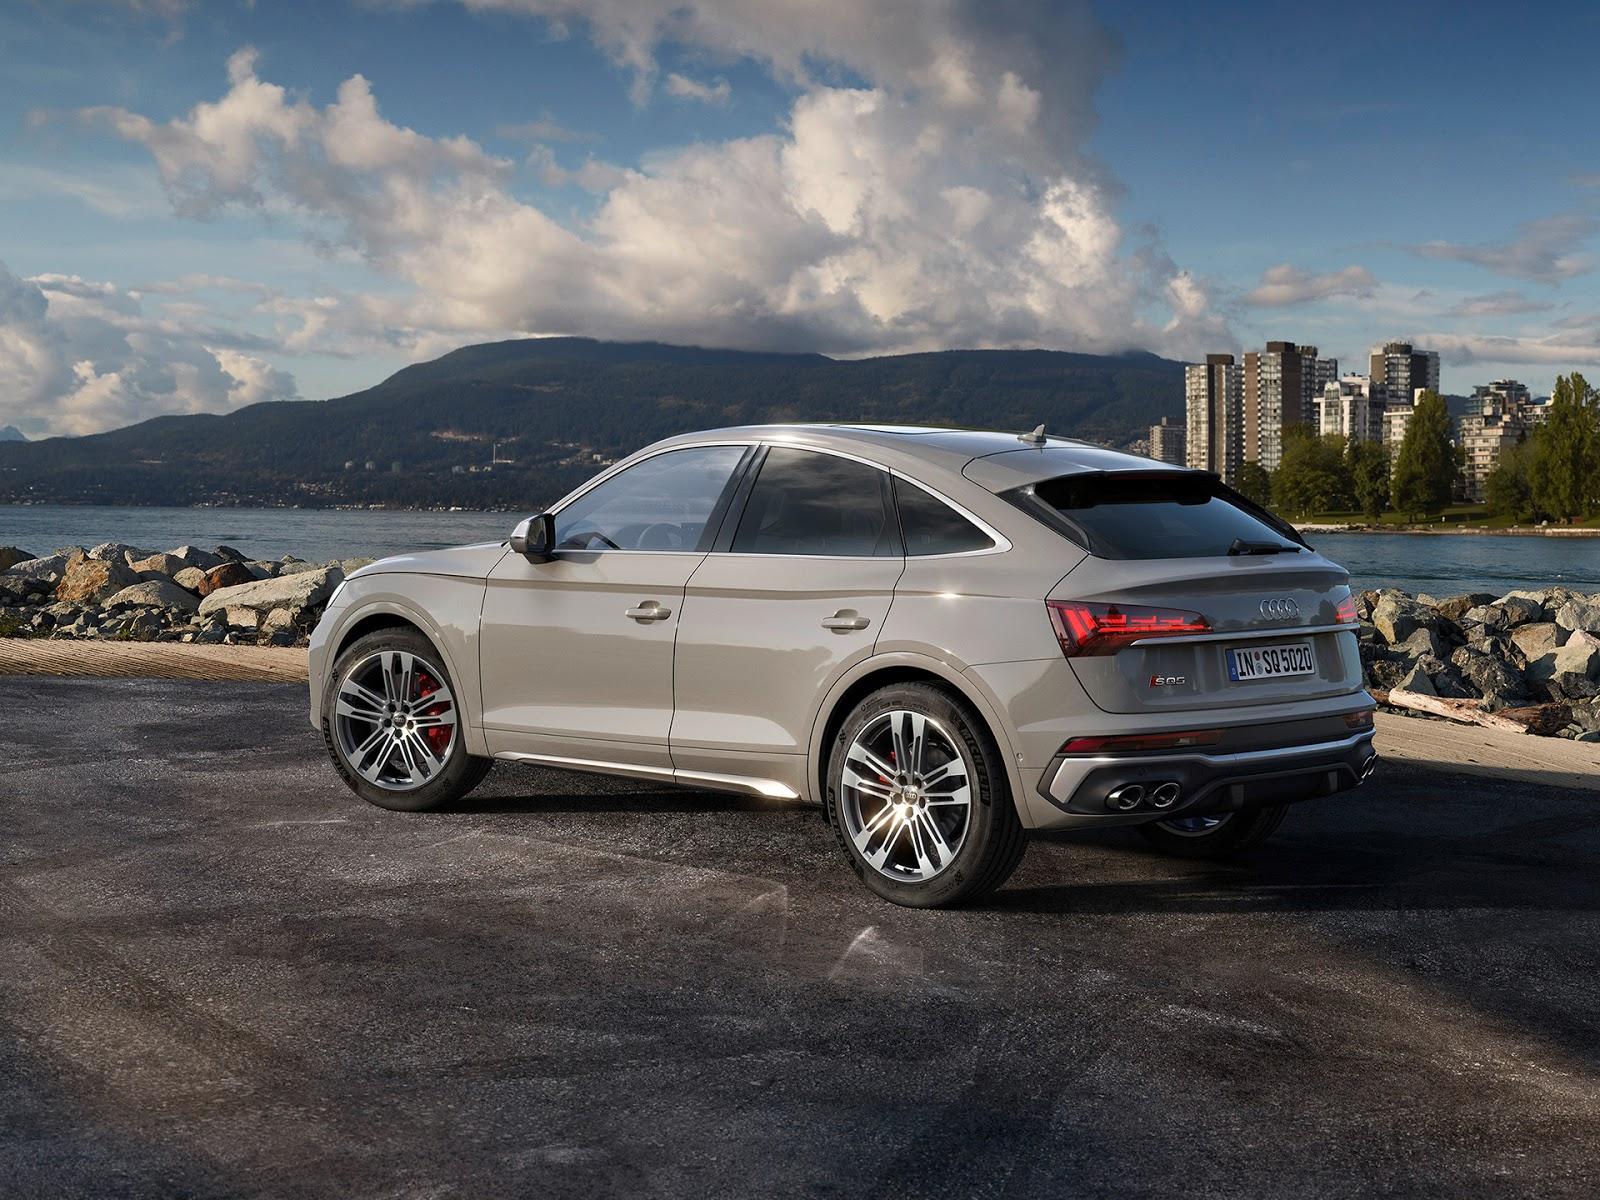 AUDI2BSQ52BSPORTBACK2BTDI 2 Audi SQ5 Sportback TDI: η σπορ έκδοση στην κορυφή της γκάμας του μοντέλου Audi, Audi SQ5, SQ5, ειδήσεις, καινούργιο, καινούρια, καινούριο